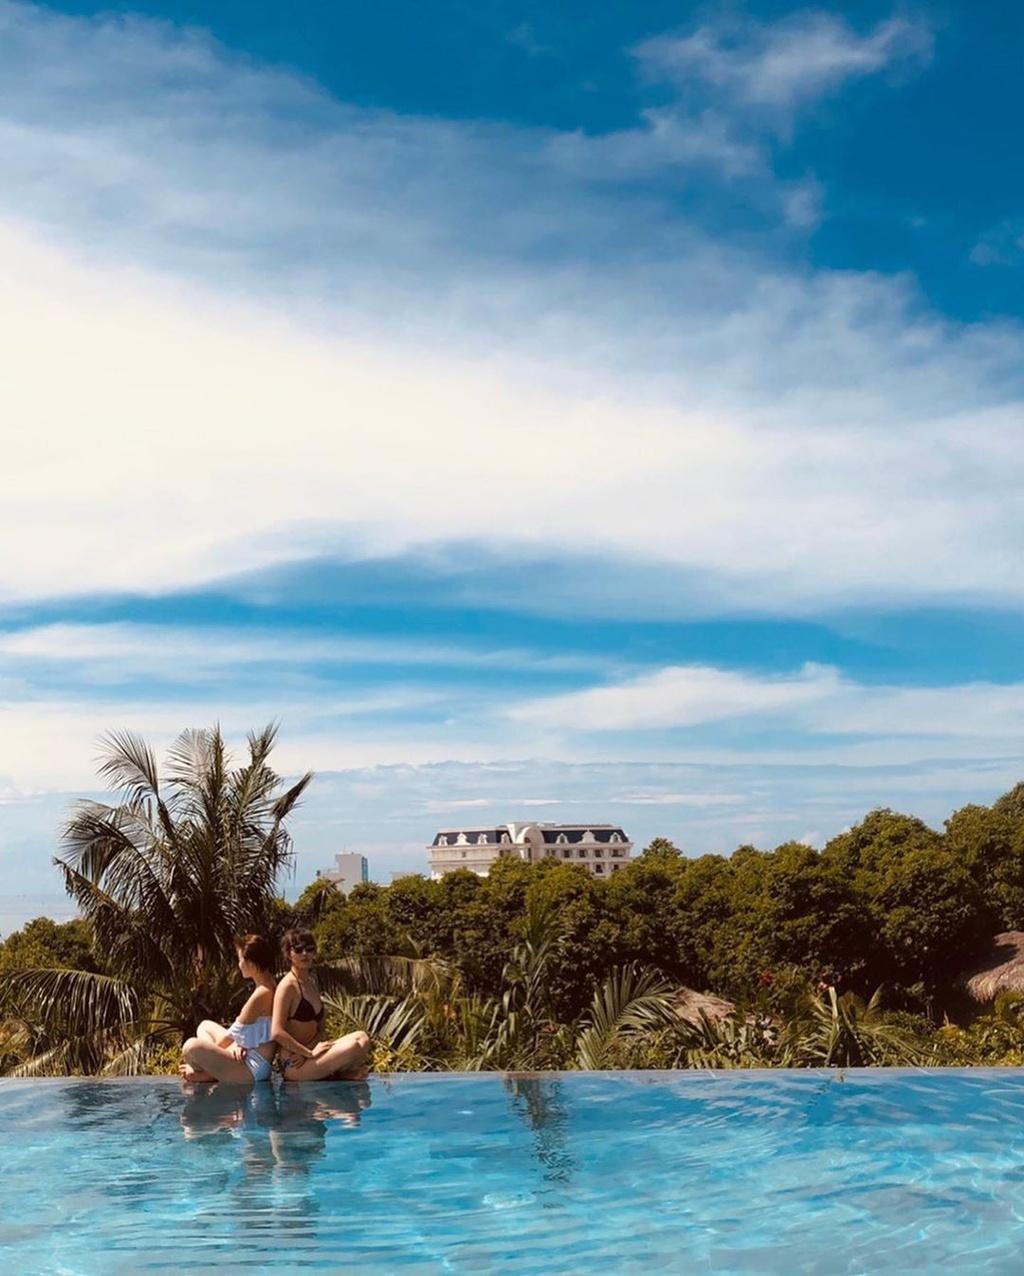 4 resort co ho boi dep tai Phu Quoc hinh anh 14  - 72275475_125492758869228_4096410510565881841_n_1 - 4 resort có hồ bơi đẹp tại Phú Quốc